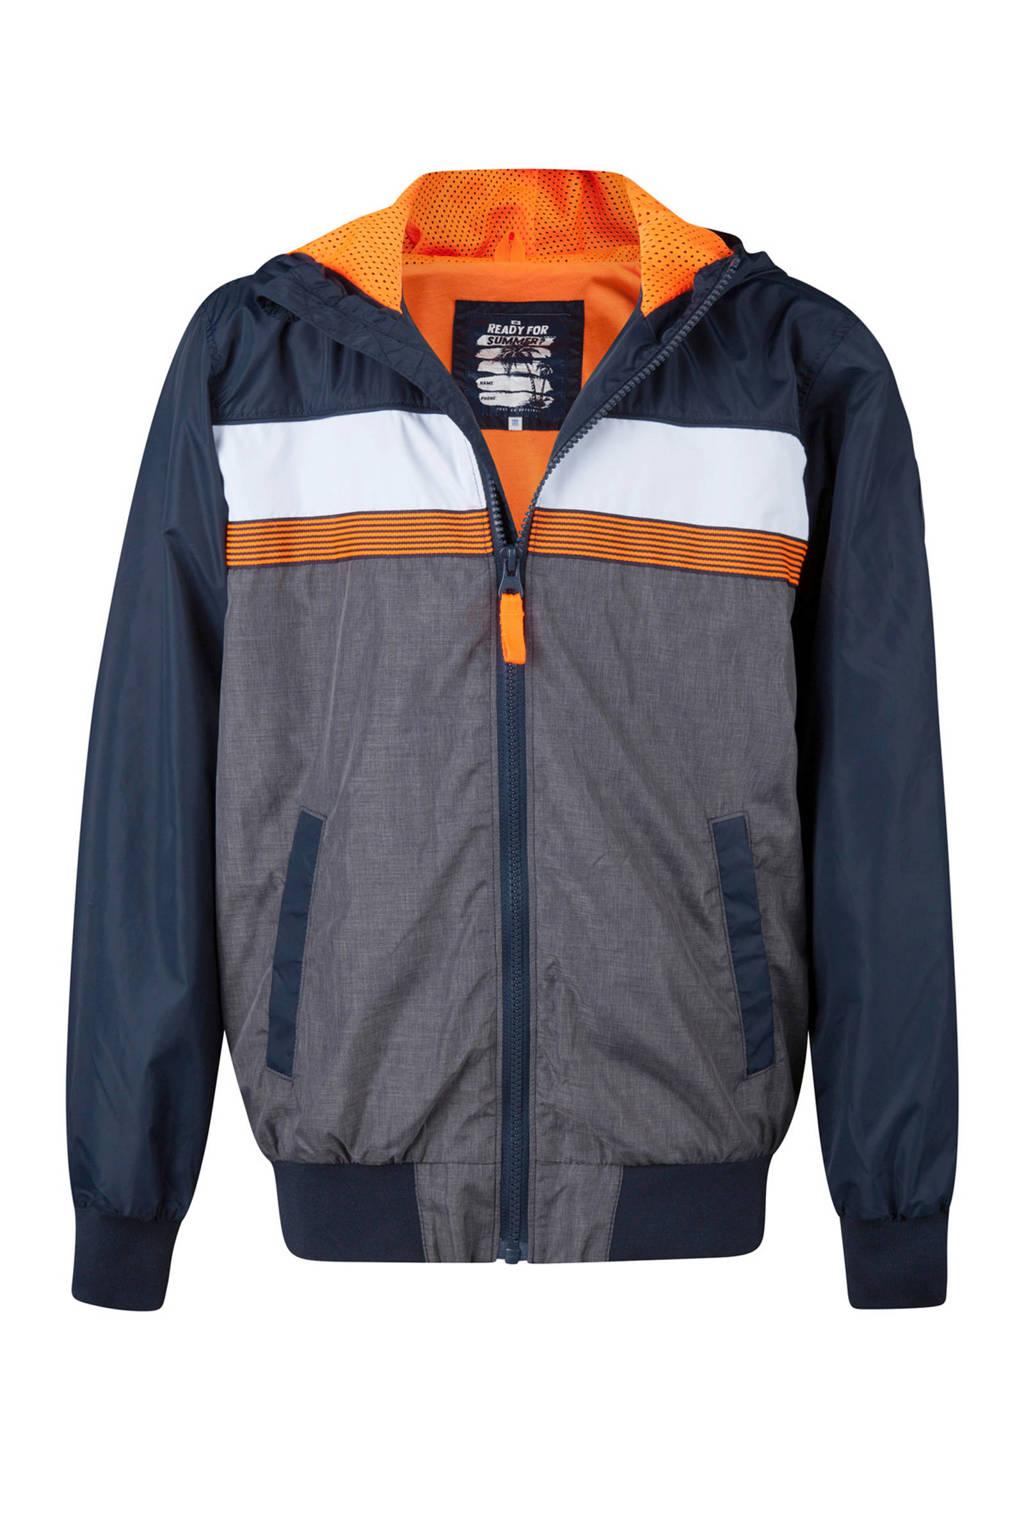 WE Fashion zomerjas grijs/blauw, Grijs/blauw/oranje